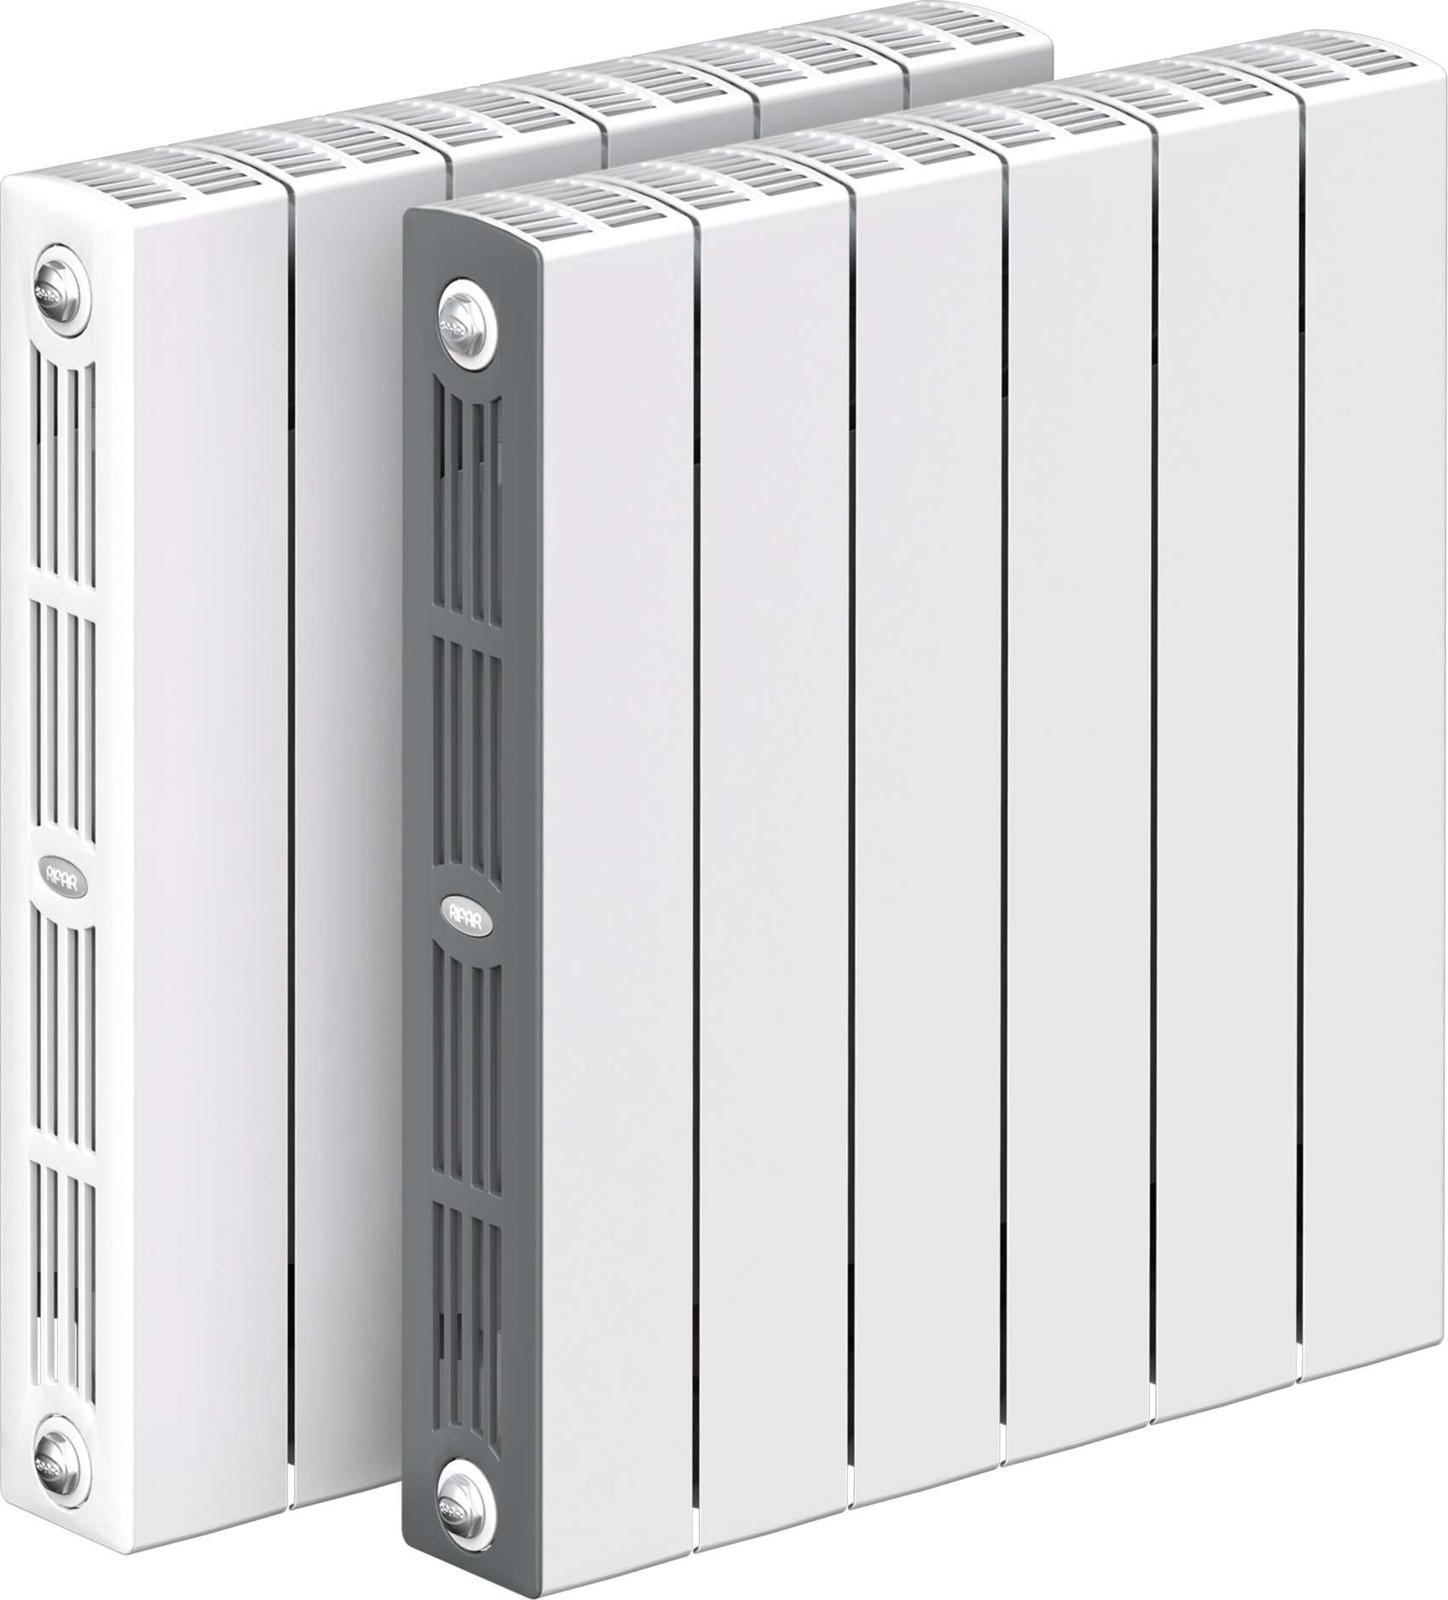 Секционный радиатор Rifar Supremo 500, биметаллический, RIFAR S 500-6, белый, 6 секций kermi profil k profil k fk o 12 400 400 радиатор стальной панельный боковое подключение белый ral 9016